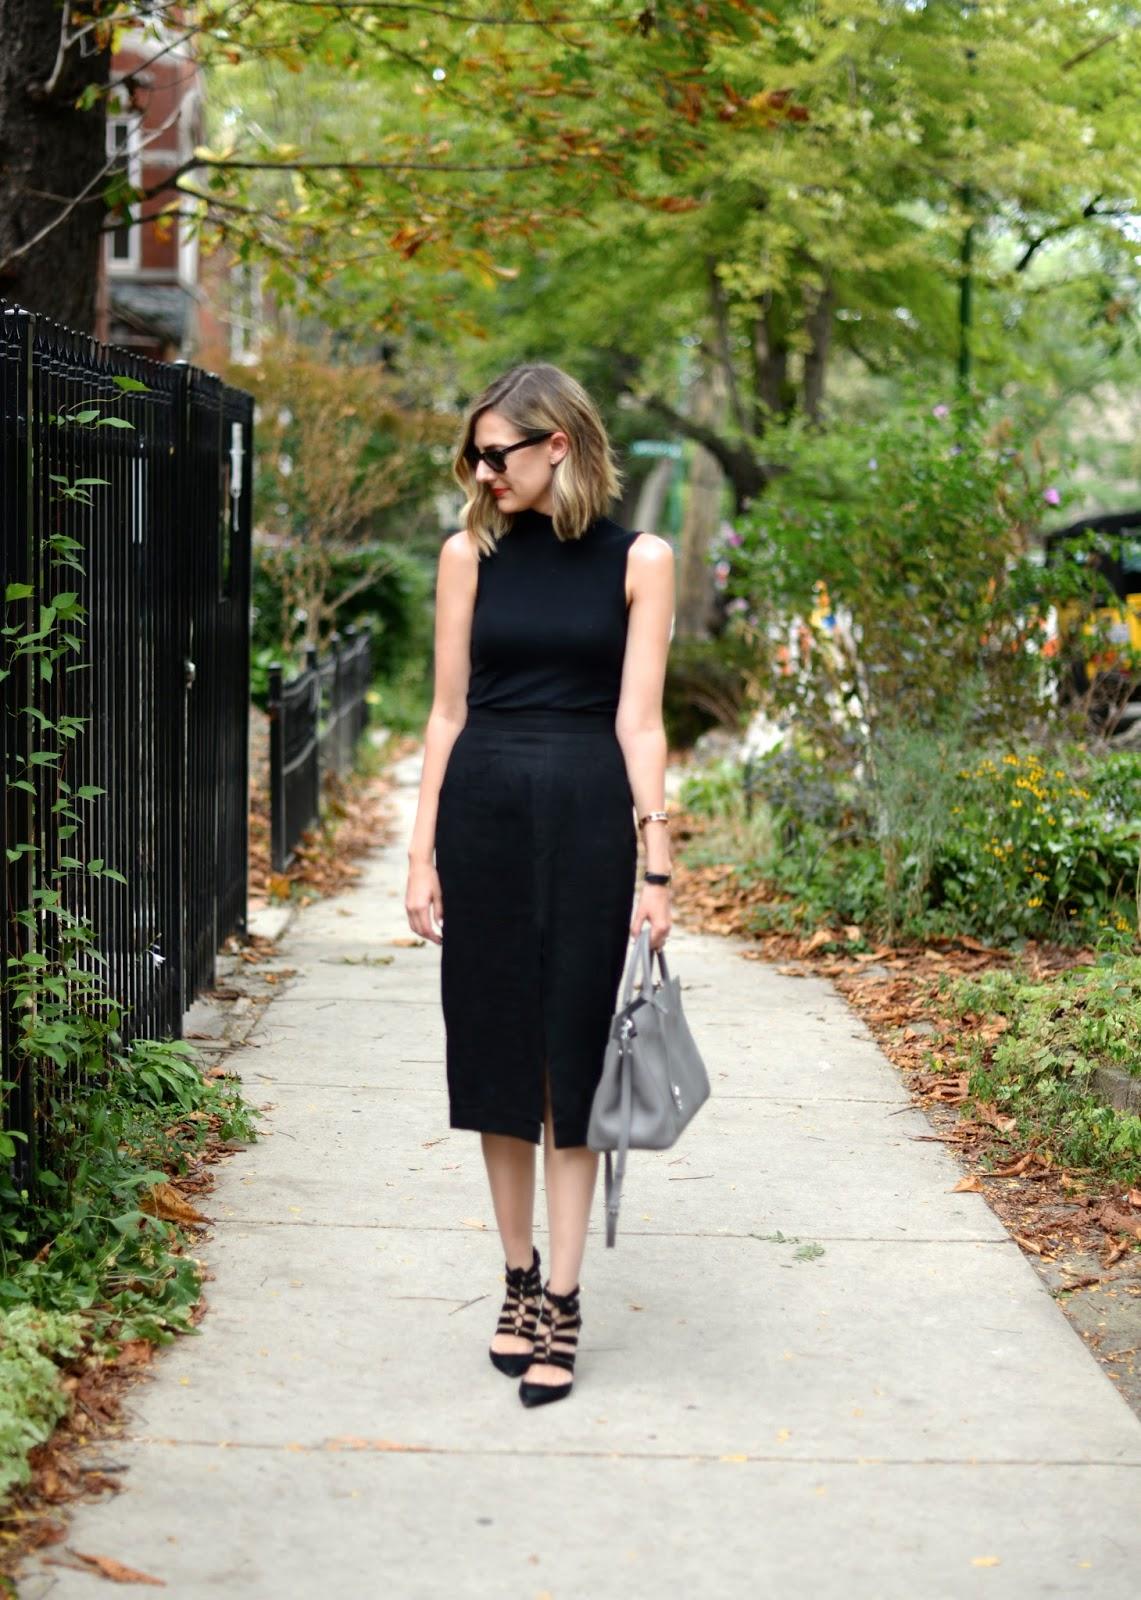 saint laurent cabas bag outfit, black pencil skirt